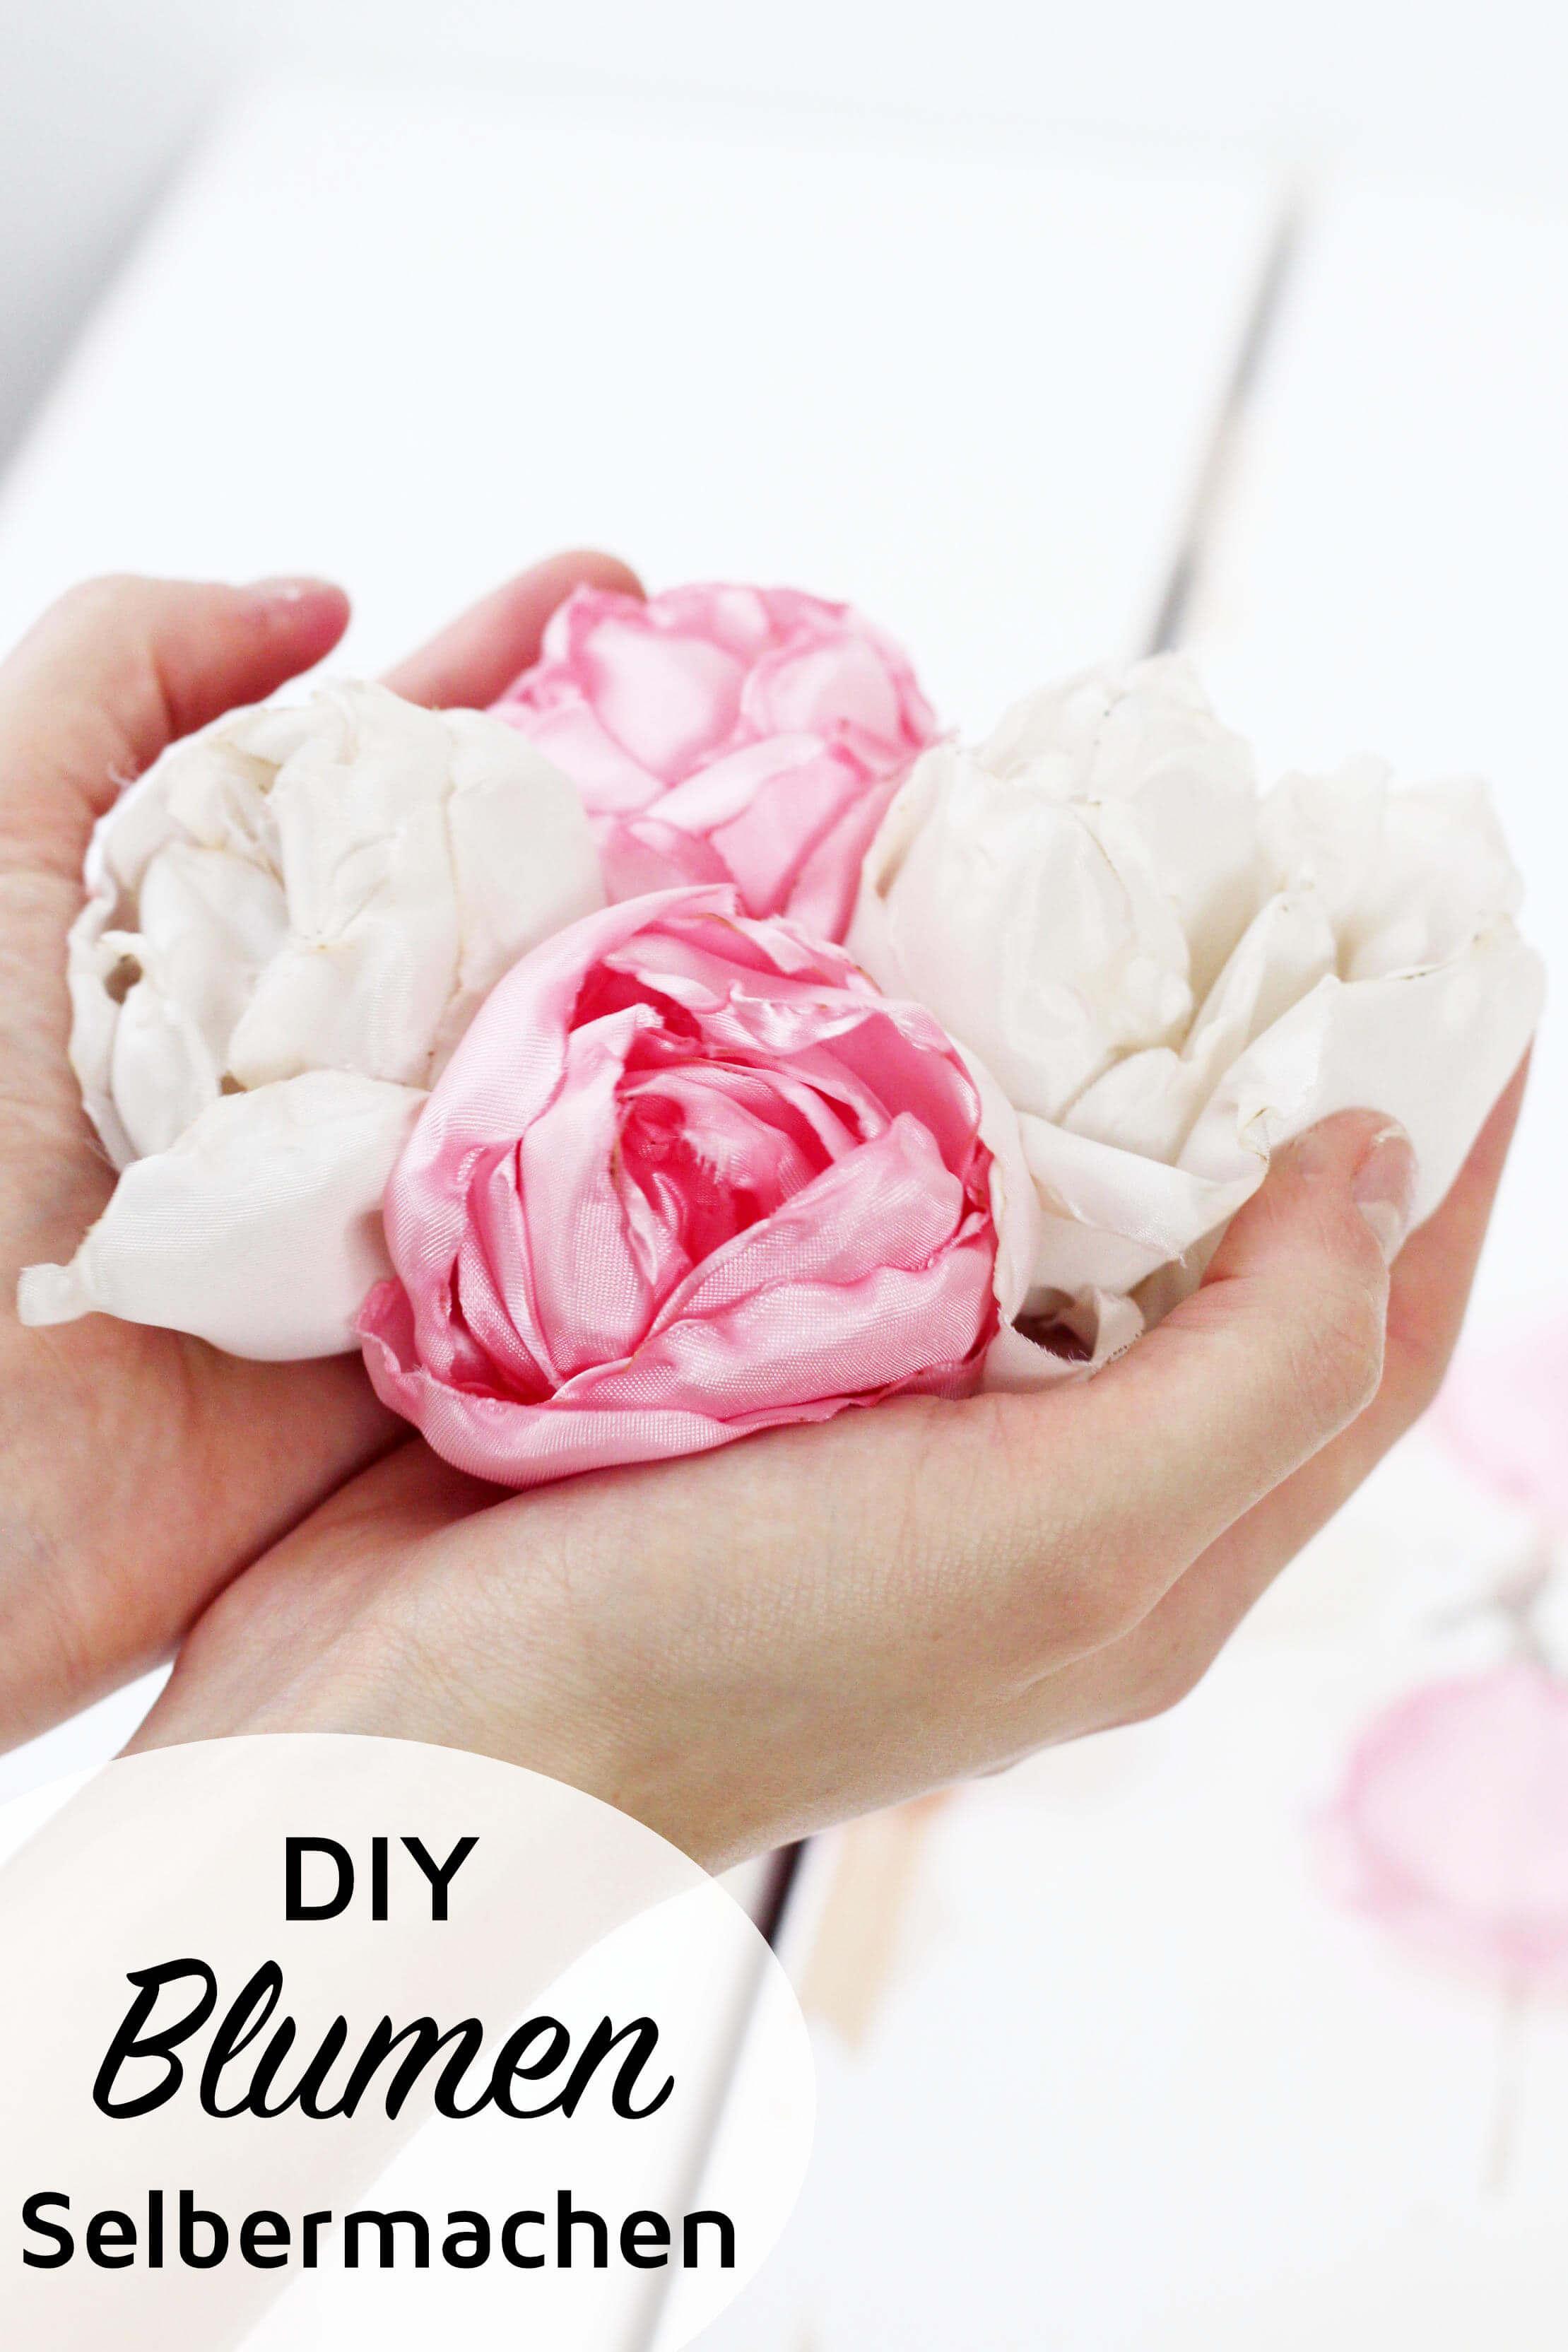 blumen aus stoff selber basteln, stoffblumen selber machen - kreative diy anleitung, Design ideen